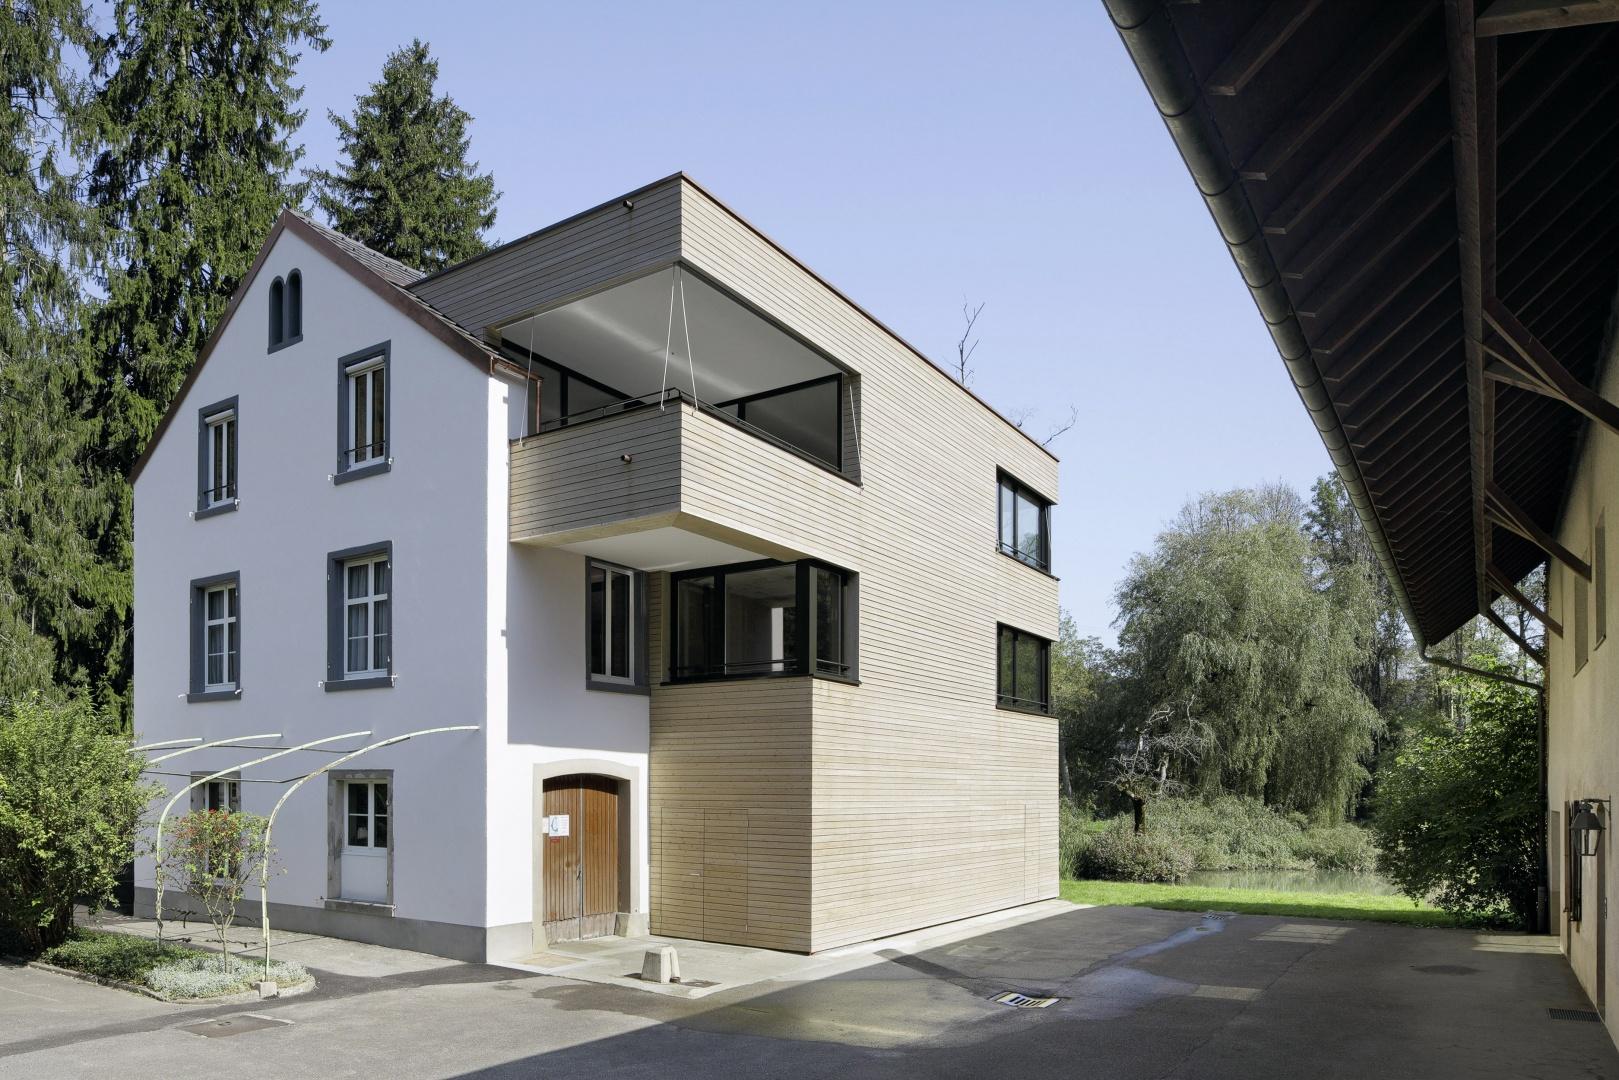 Orishof_Sued-Fassade © Tom Bisig, Basel